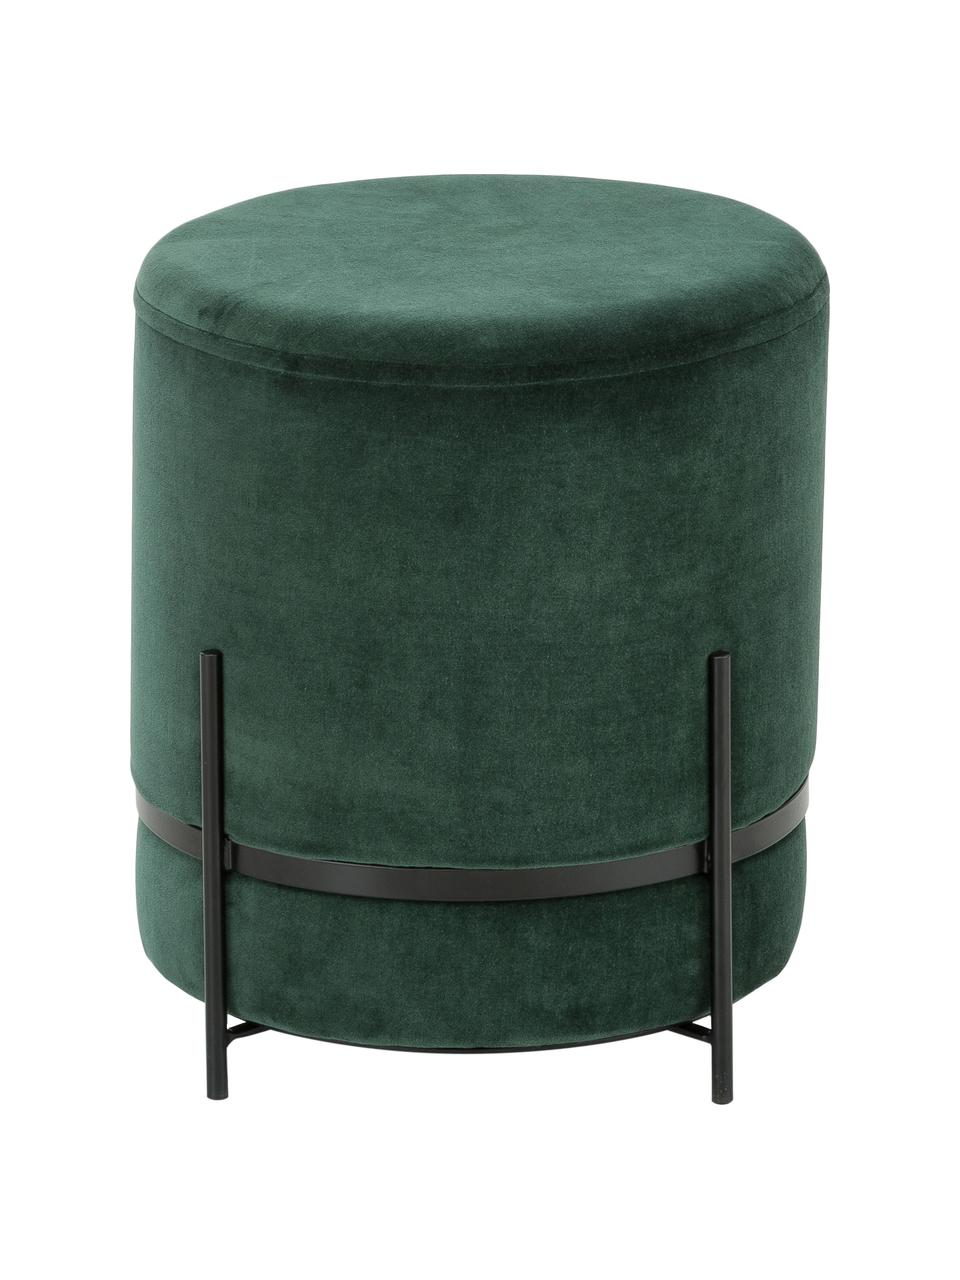 Pouf in velluto Haven, Rivestimento: velluto, Verde scuro, nero, Ø 38 x Alt. 45 cm